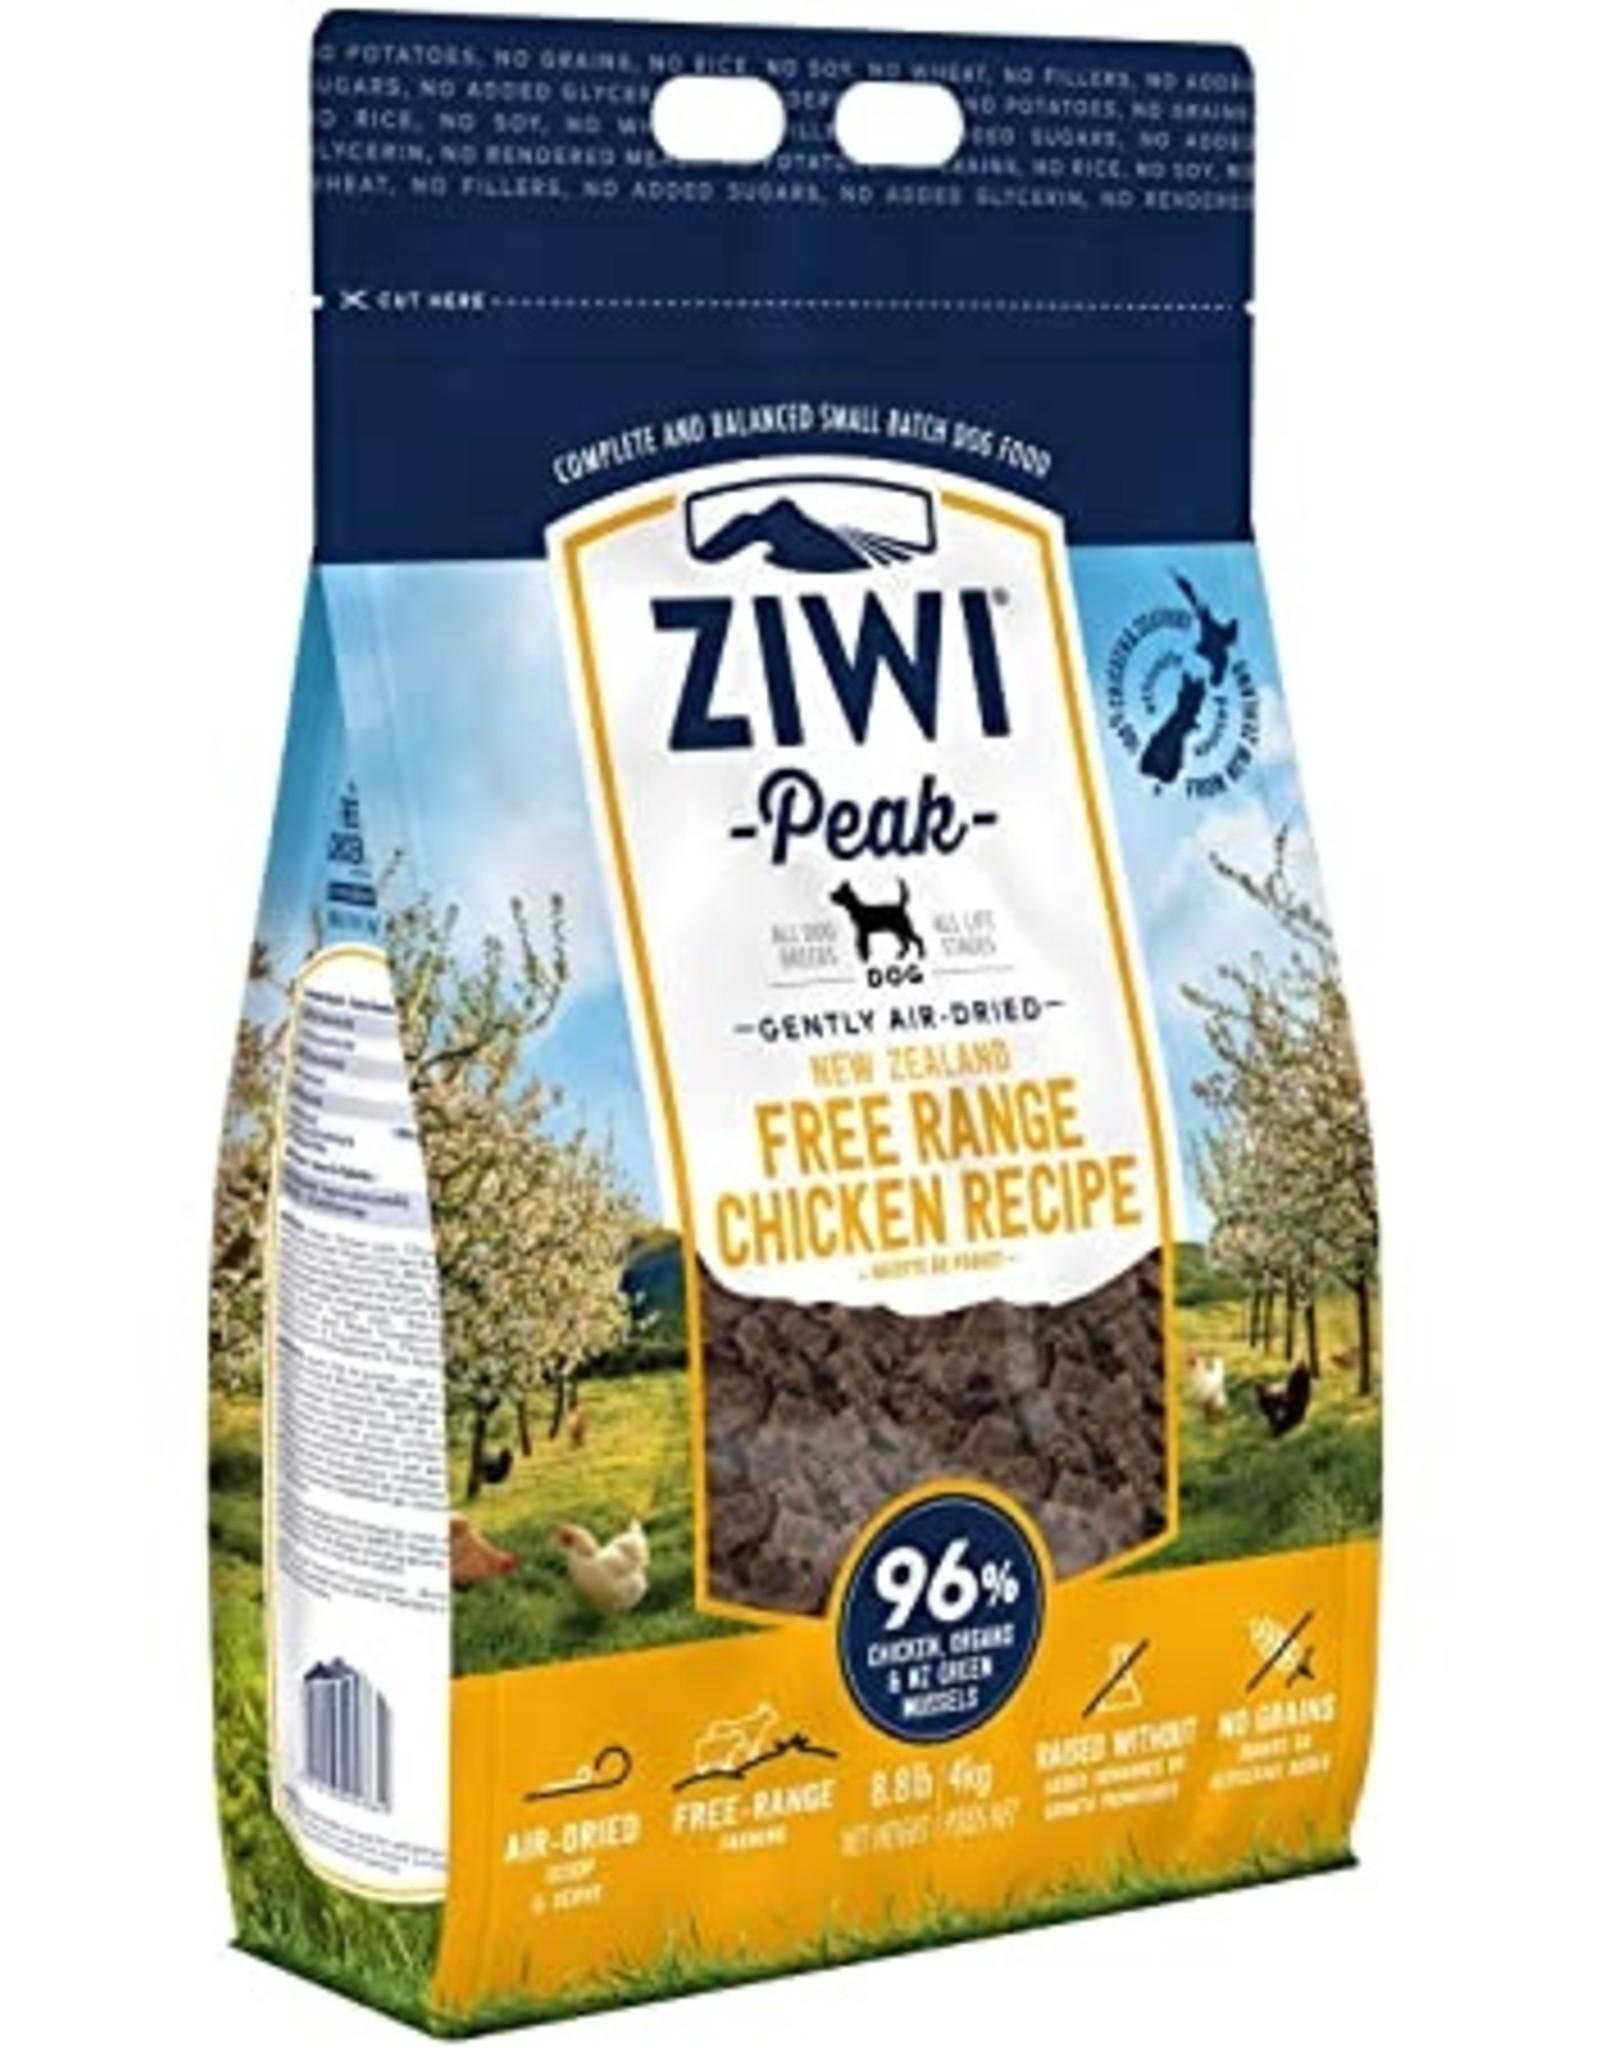 Ziwi Ziwi Peak - 8.8 Pounds